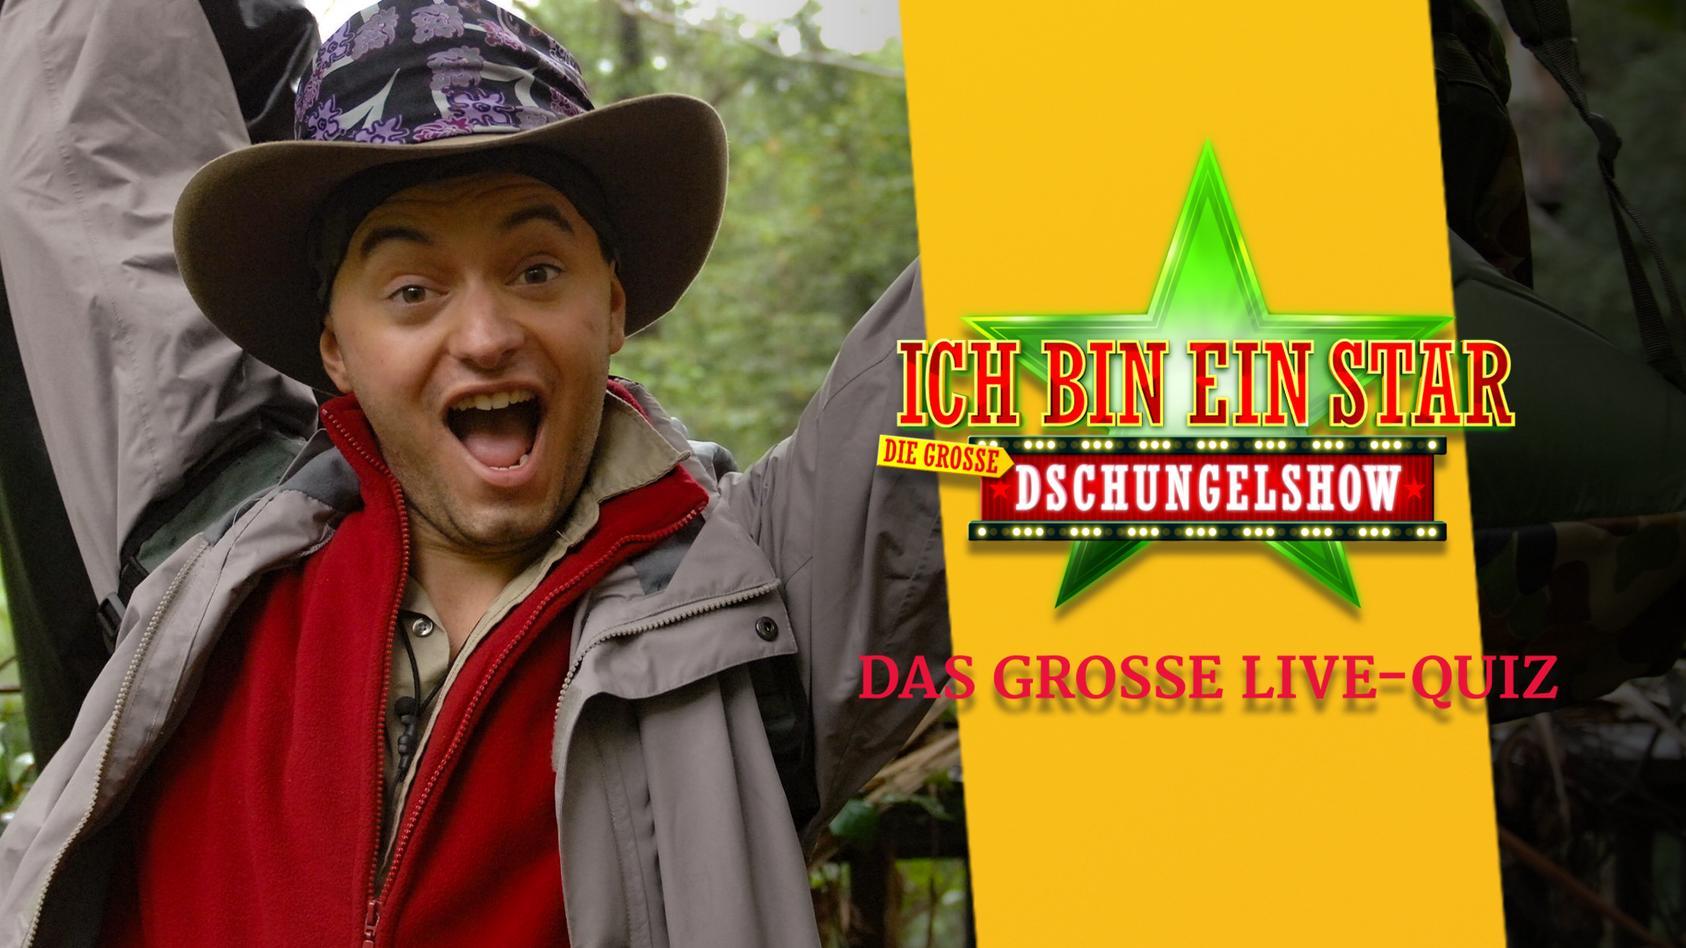 Julian F. M. Stoeckel ist nach jeder Dschungelshow unser Gast im Quiz-Livestream